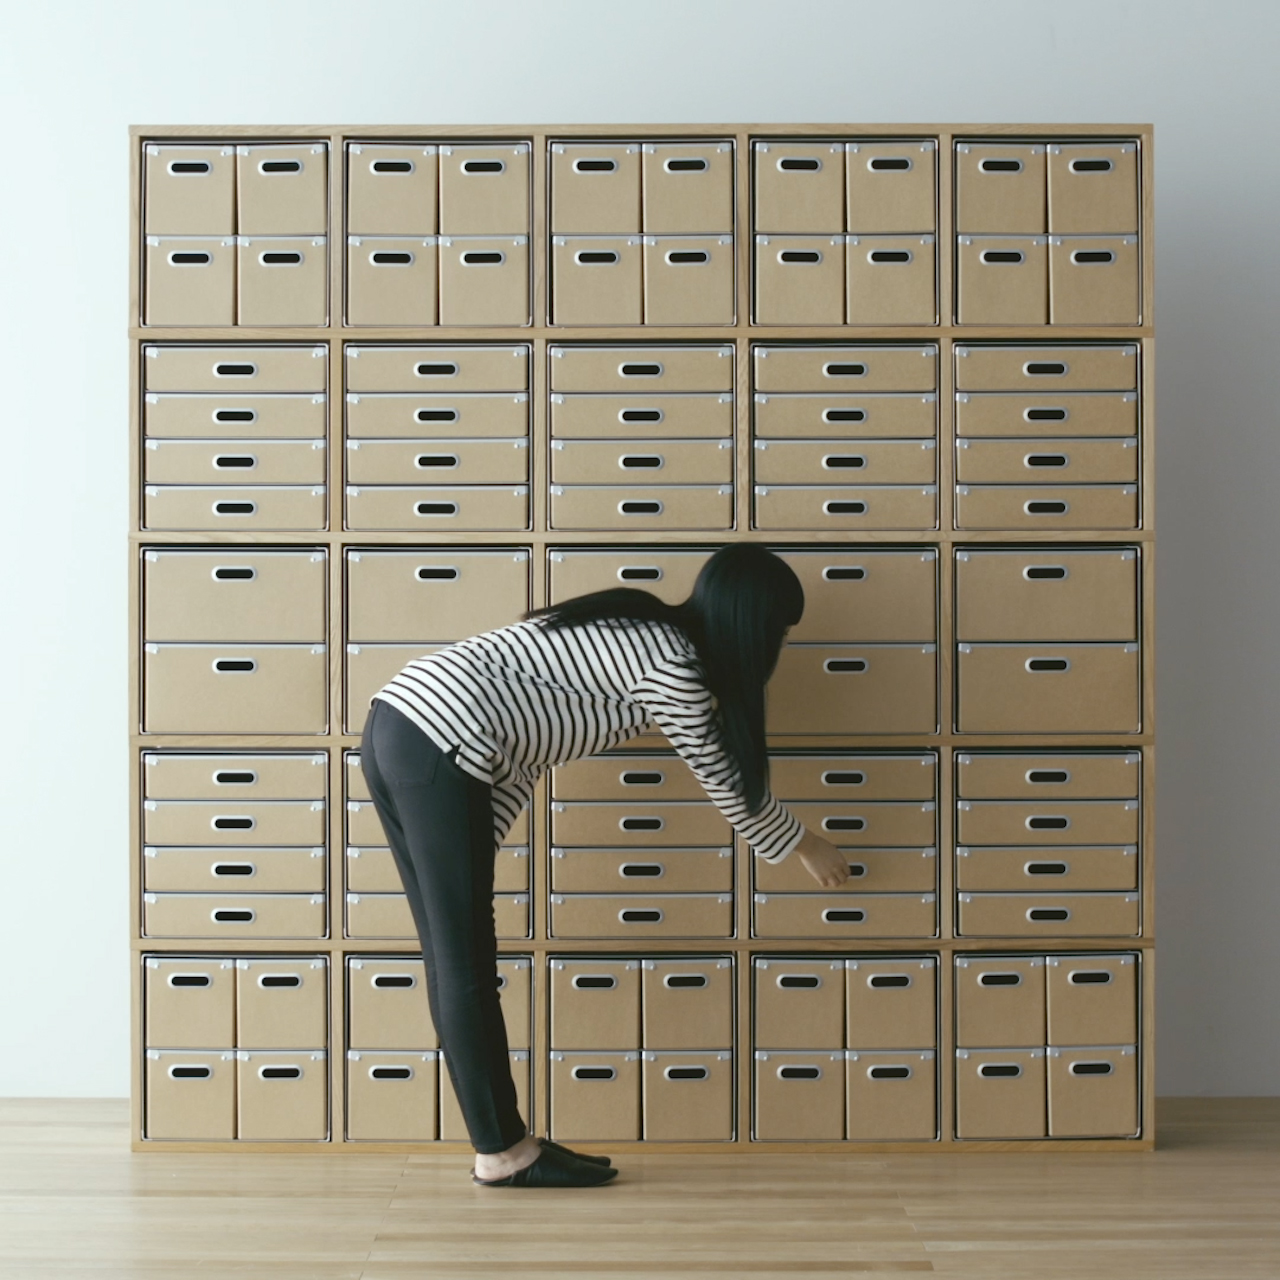 収納用品と合わせる: 無印良品の収納用品とモジュールを合わせているのでぴったり収まります。